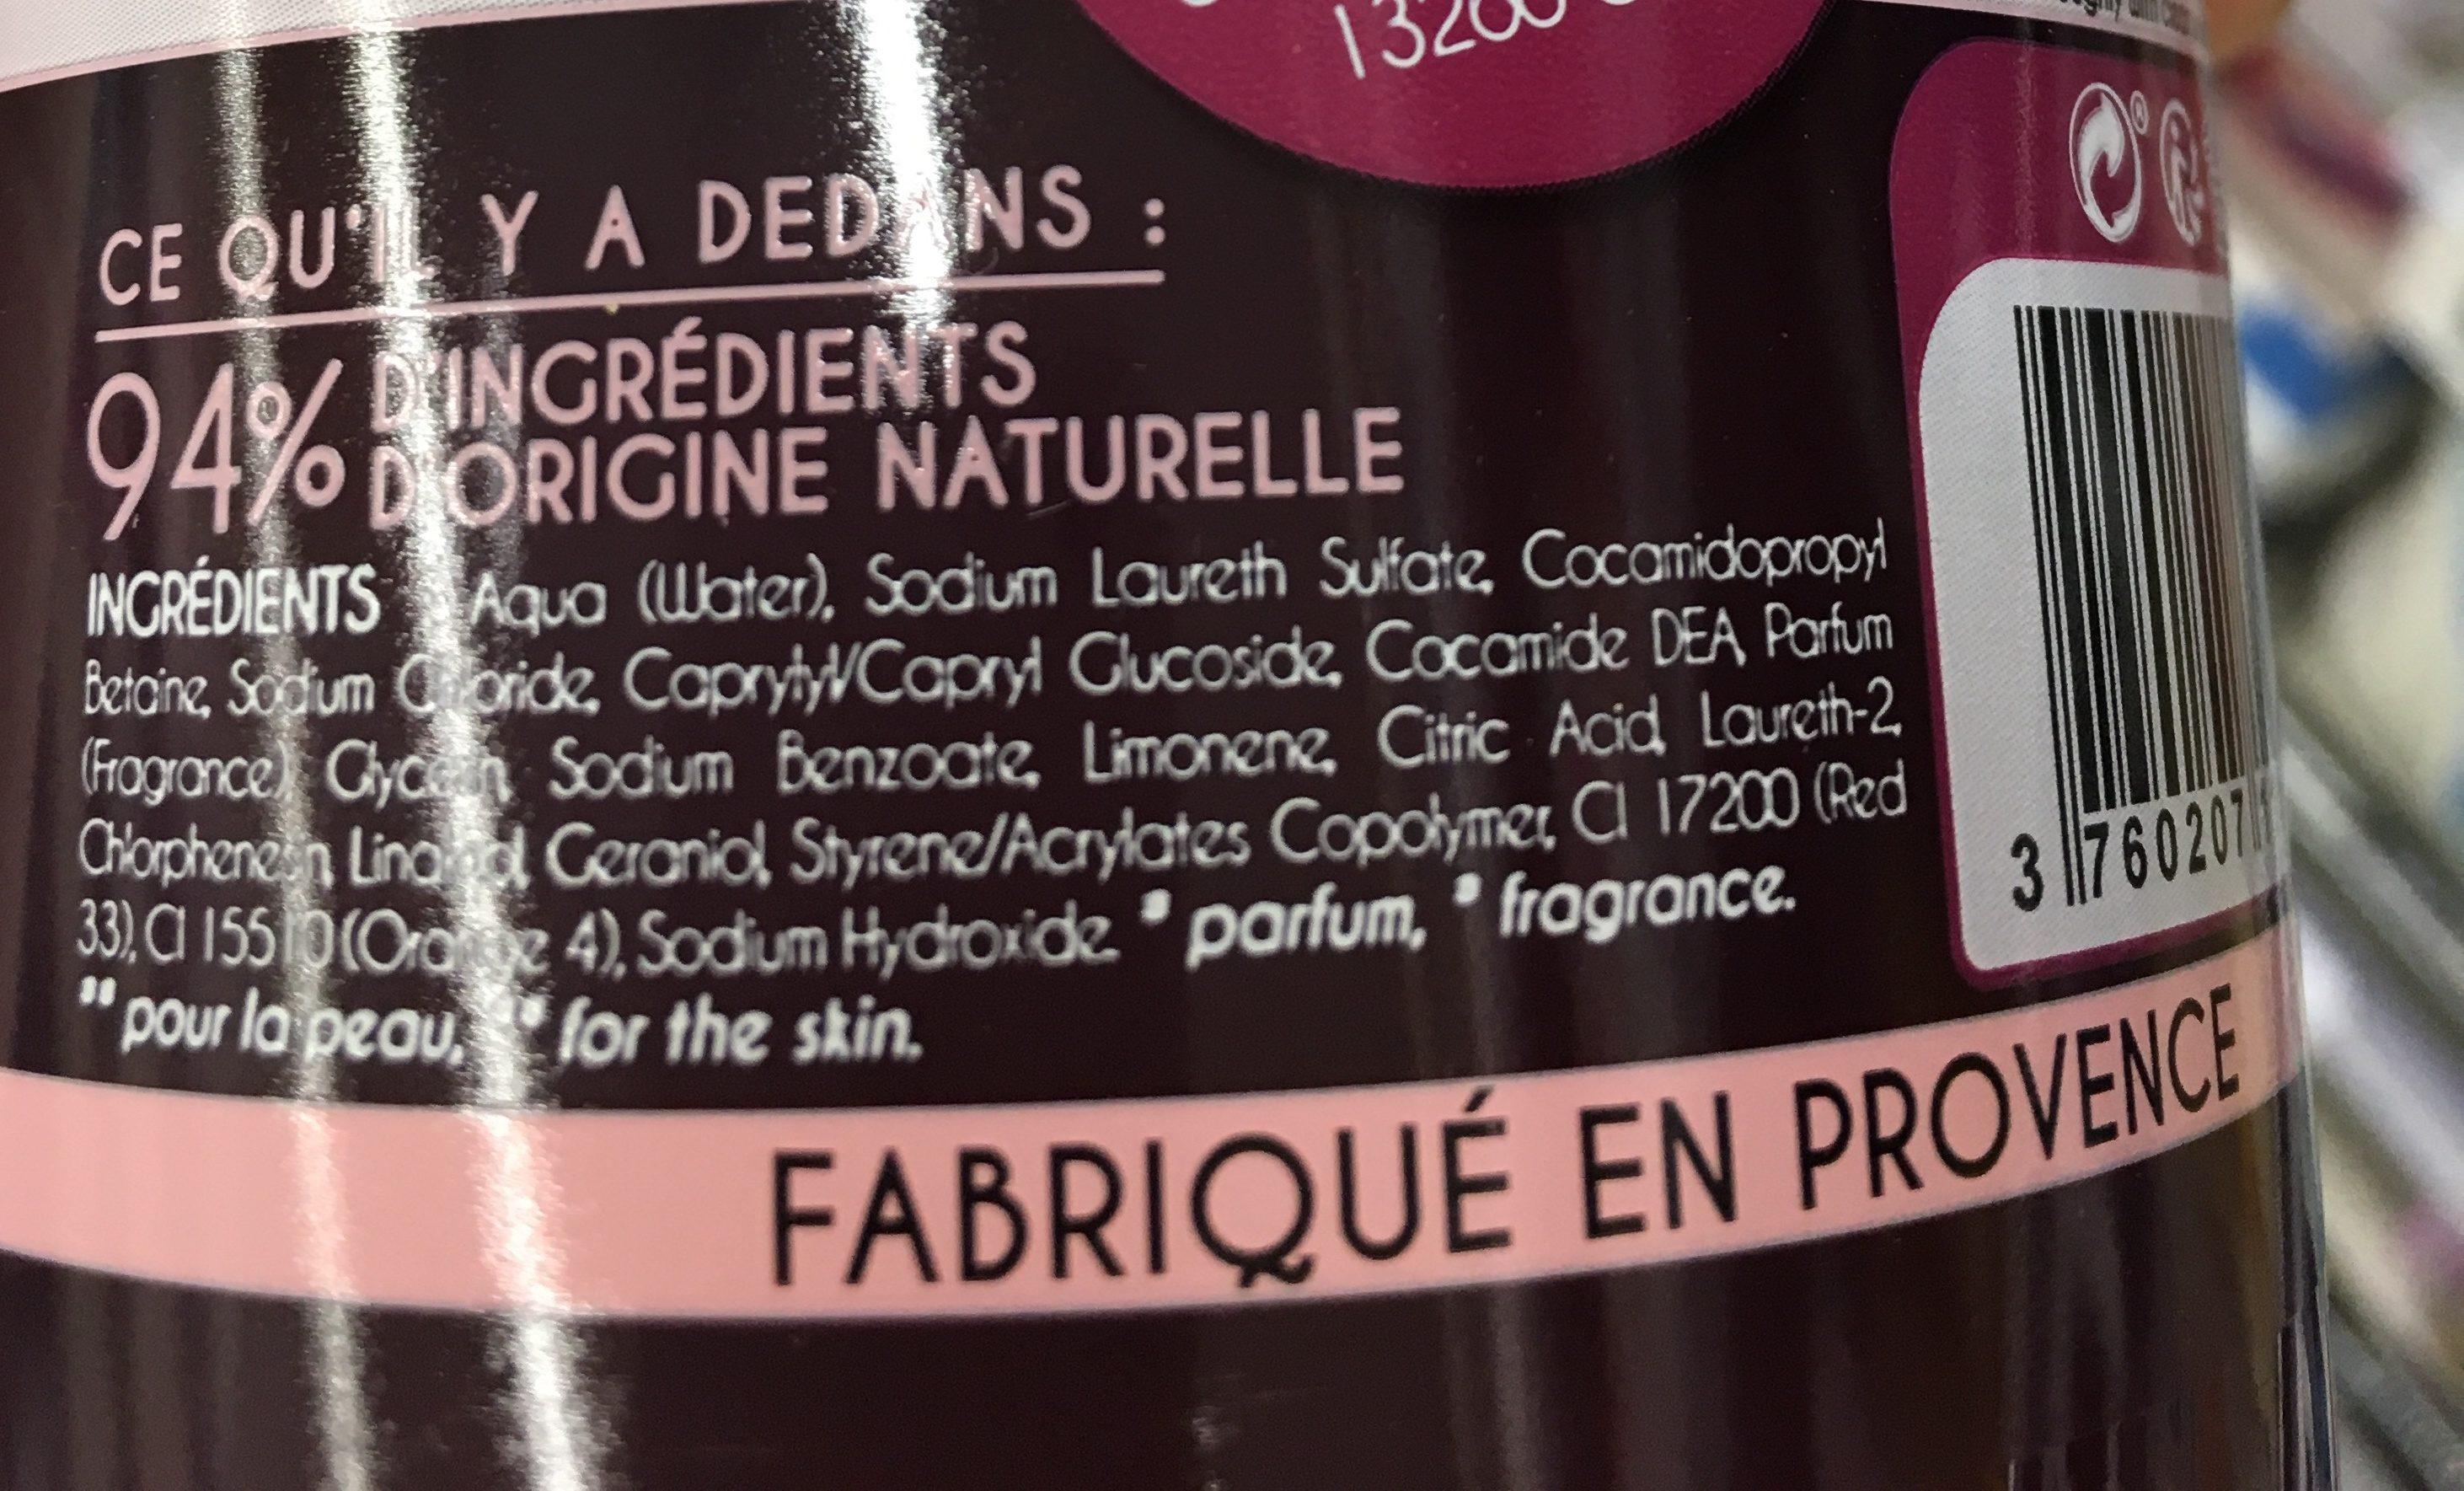 Gel Douche Fruit de la passion - Ingredients - fr